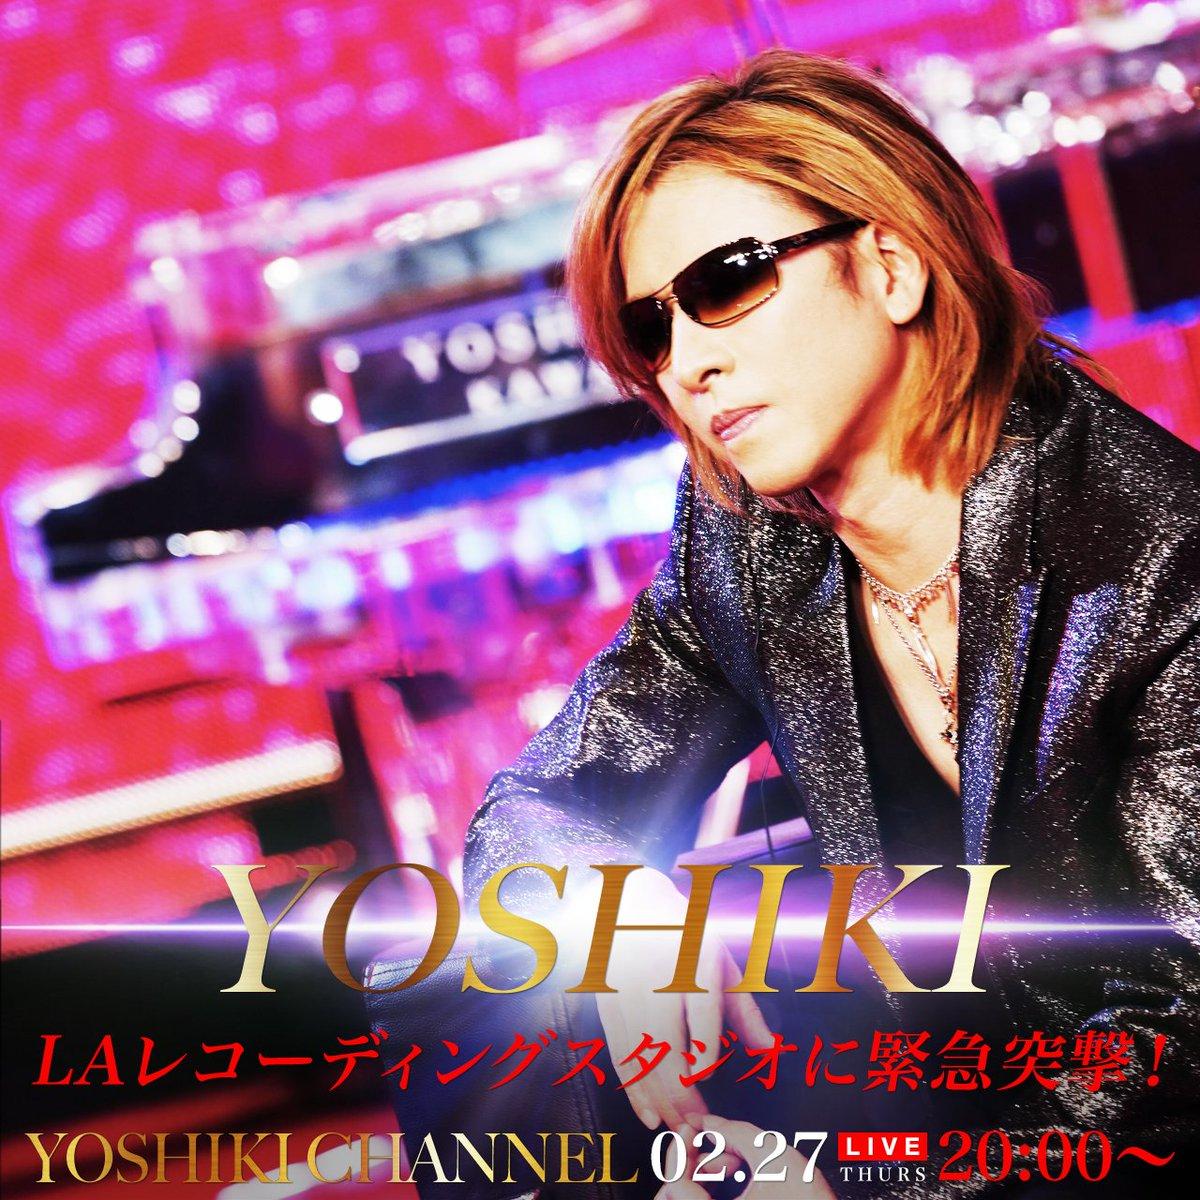 【2月27日(木)20時~緊急生放送決定】 #YOSHIKI LAレコーディングスタジオに緊急突撃 #生配信!どのような作業をしているのか #近況報告 も@YoshikiOfficial